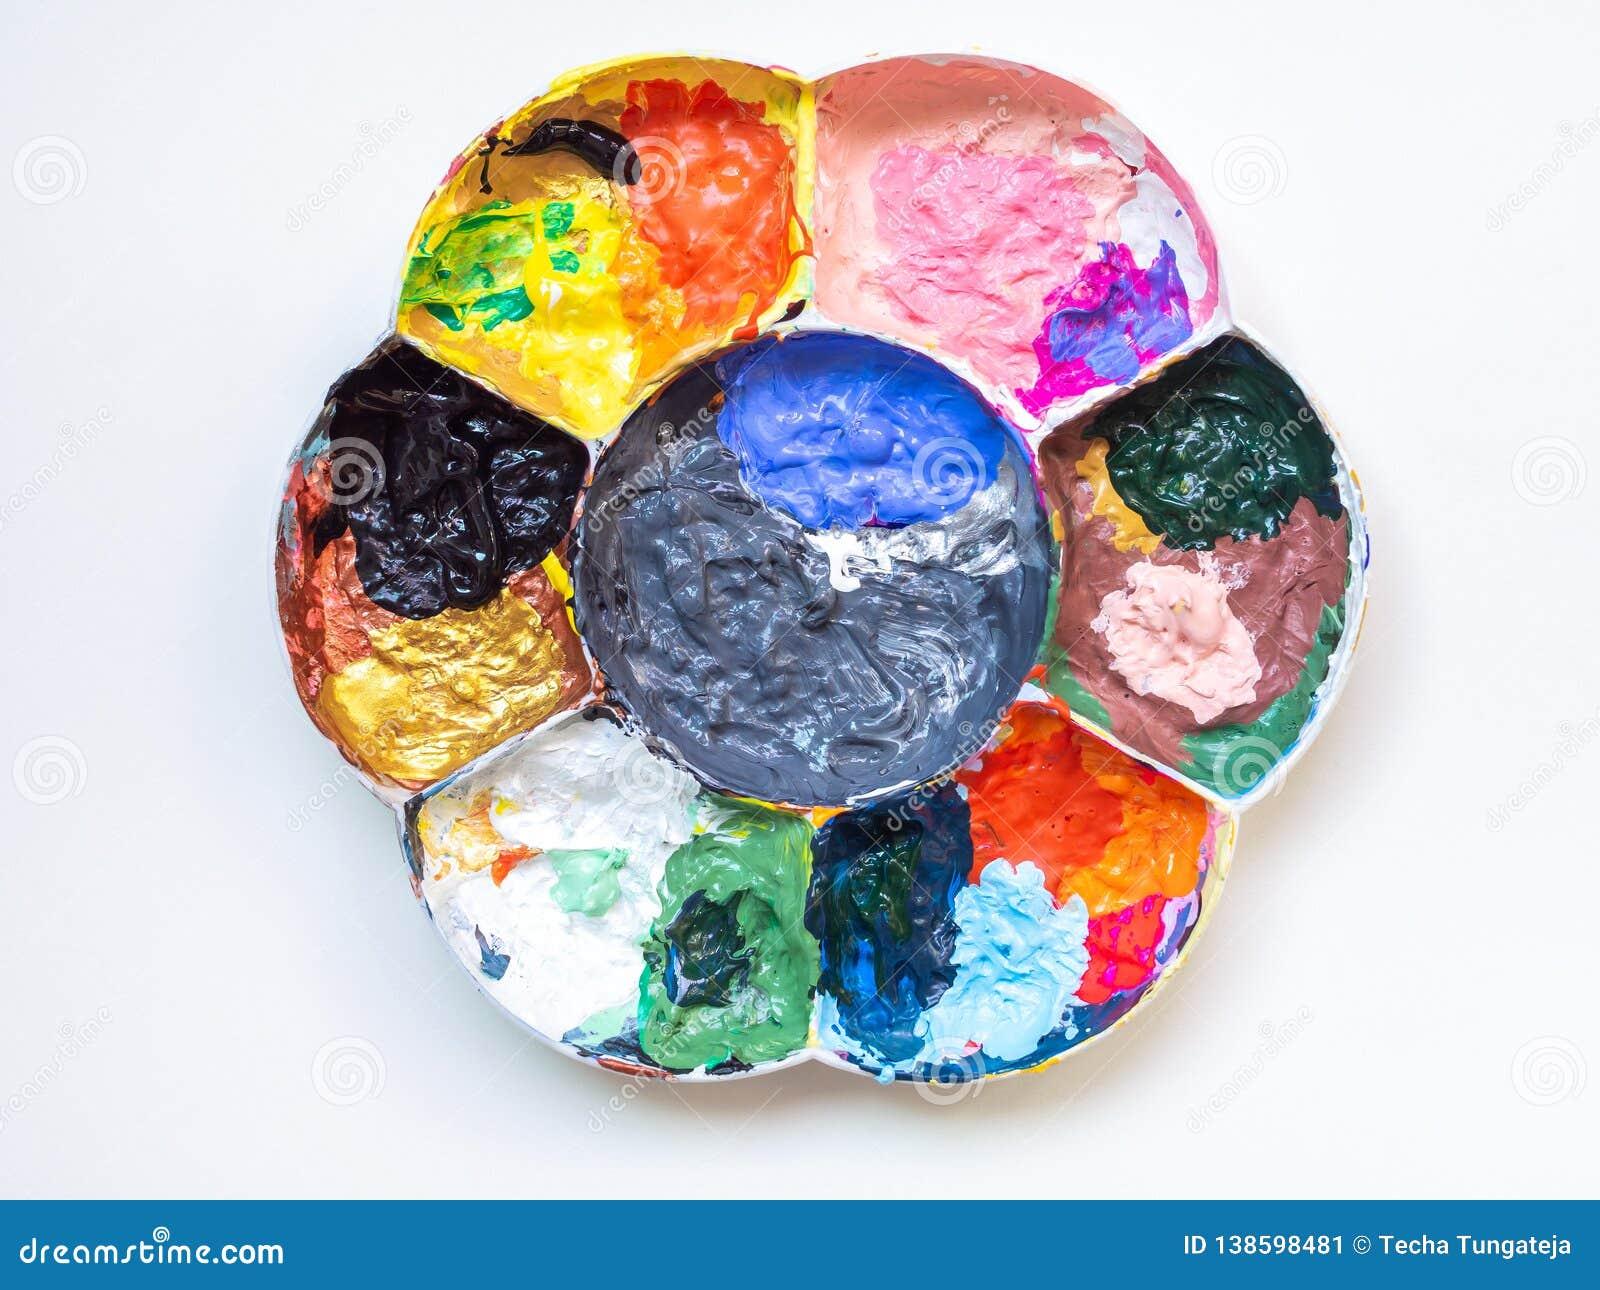 Beaucoup Couleur De Peinture Acrylique Dans La Palette Blanche En